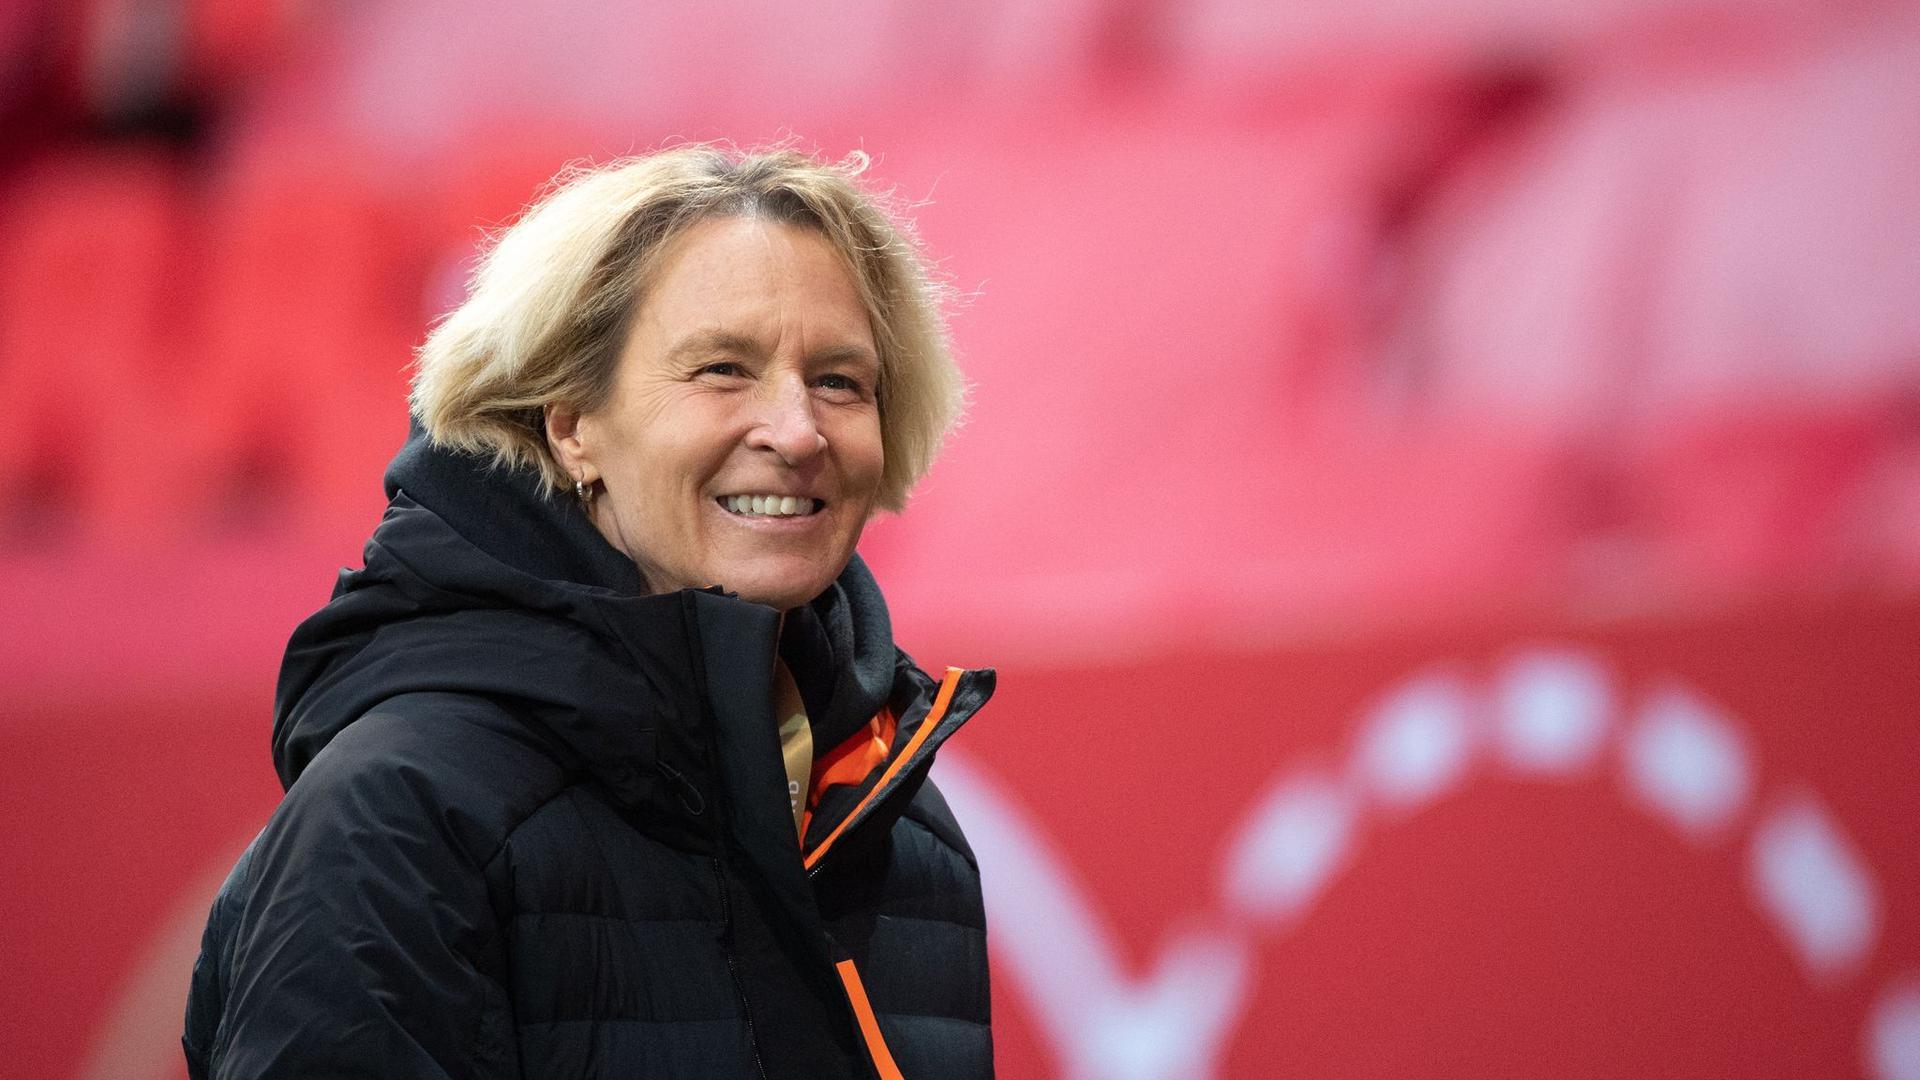 Muss vor dem Spiel gegen die Niederlande Ausfälle im Team kompensieren: Bundestrainerin Martina Voss-Tecklenburg.